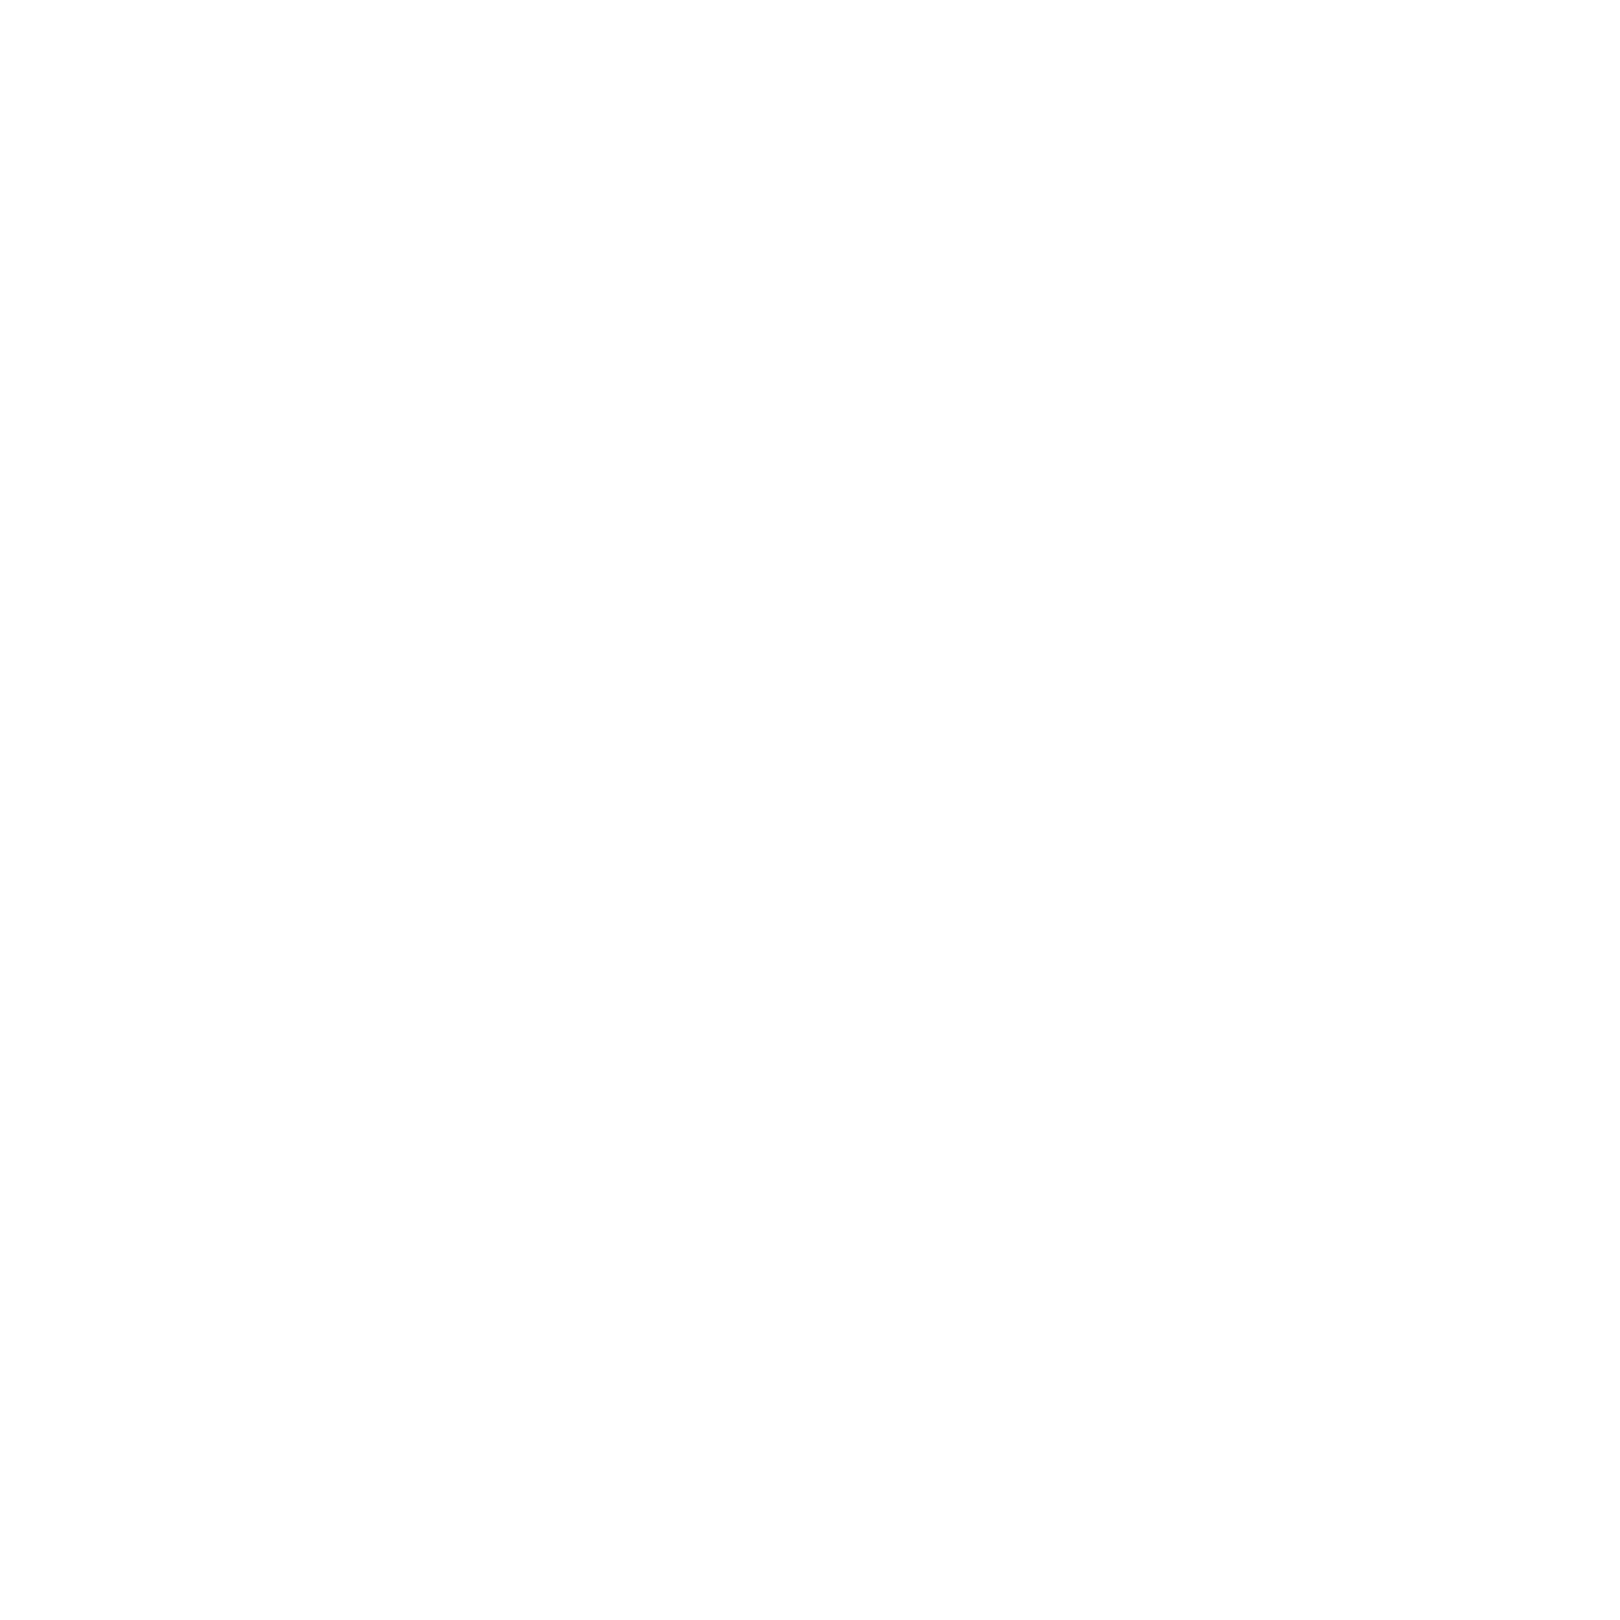 SPEE 2021